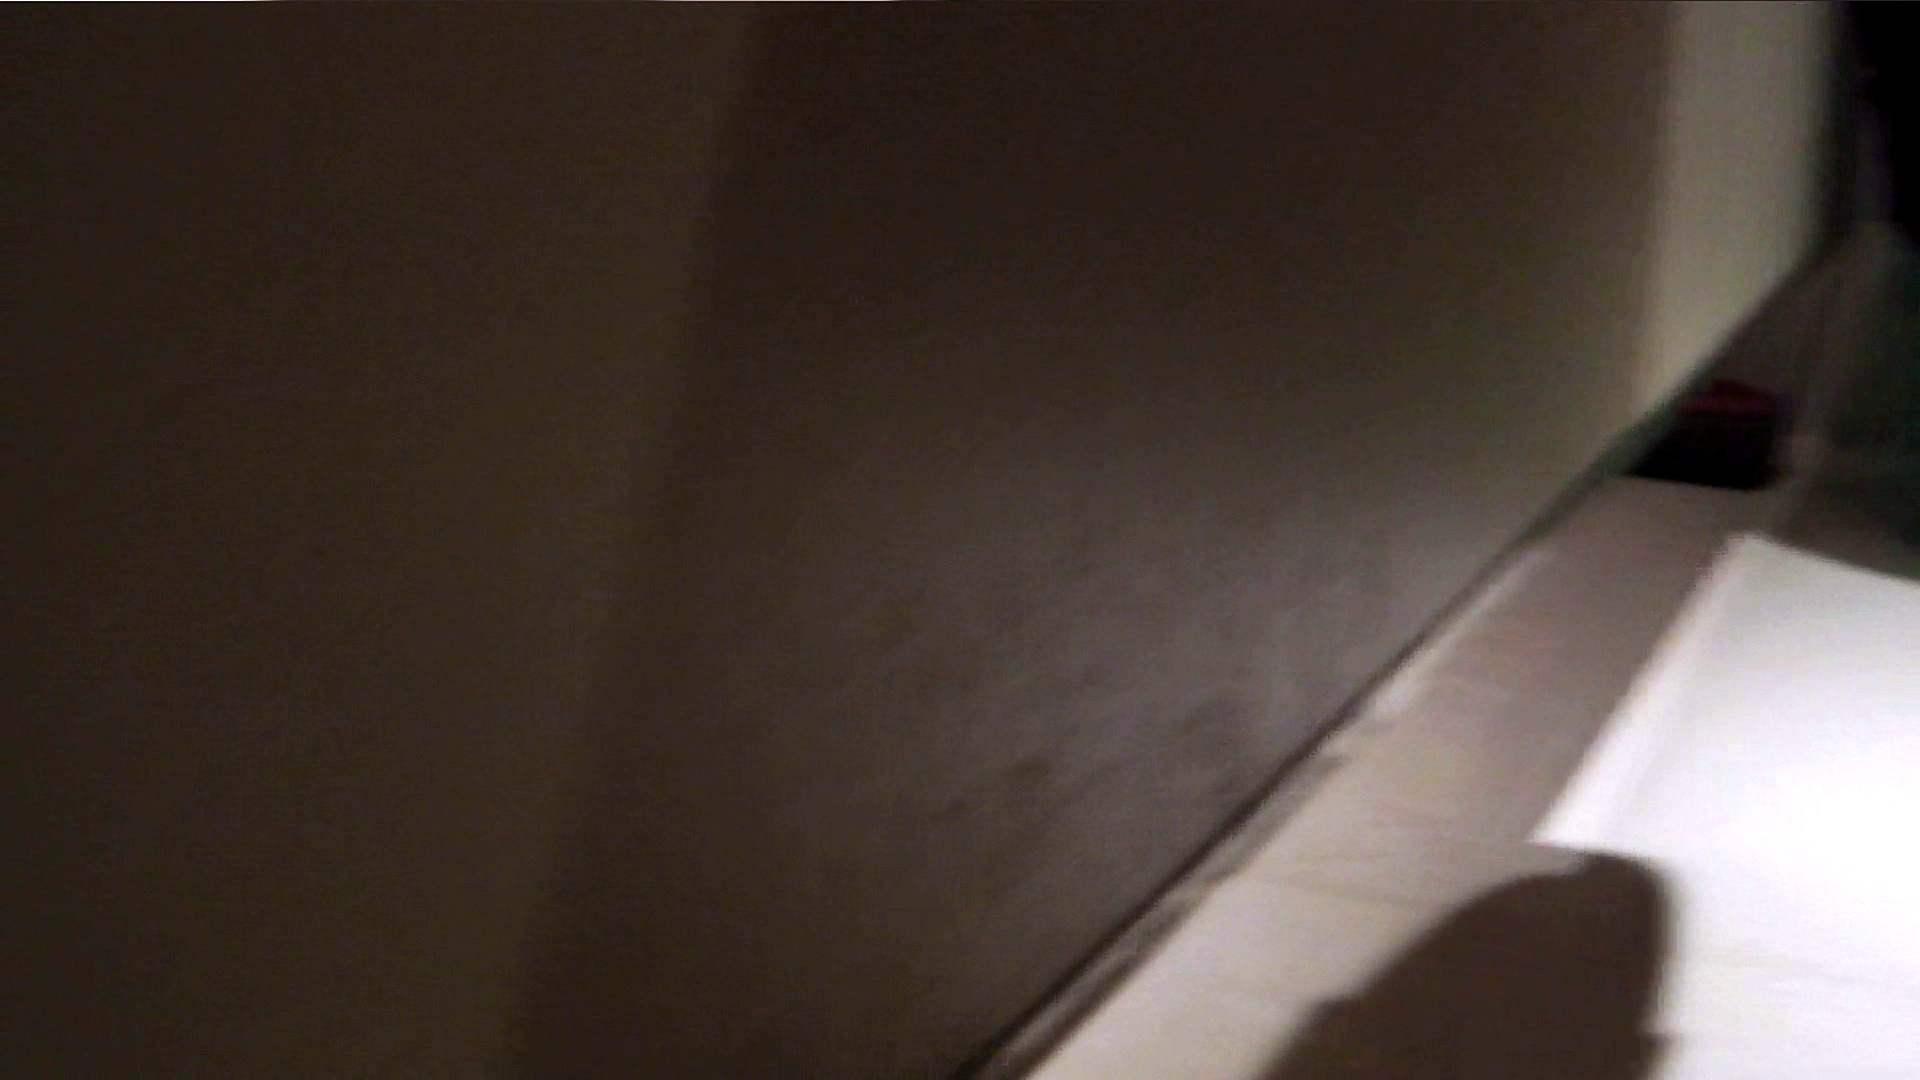 洗寿観音さんの 化粧室は四面楚歌Nol.2 丸見え  73PIX 7